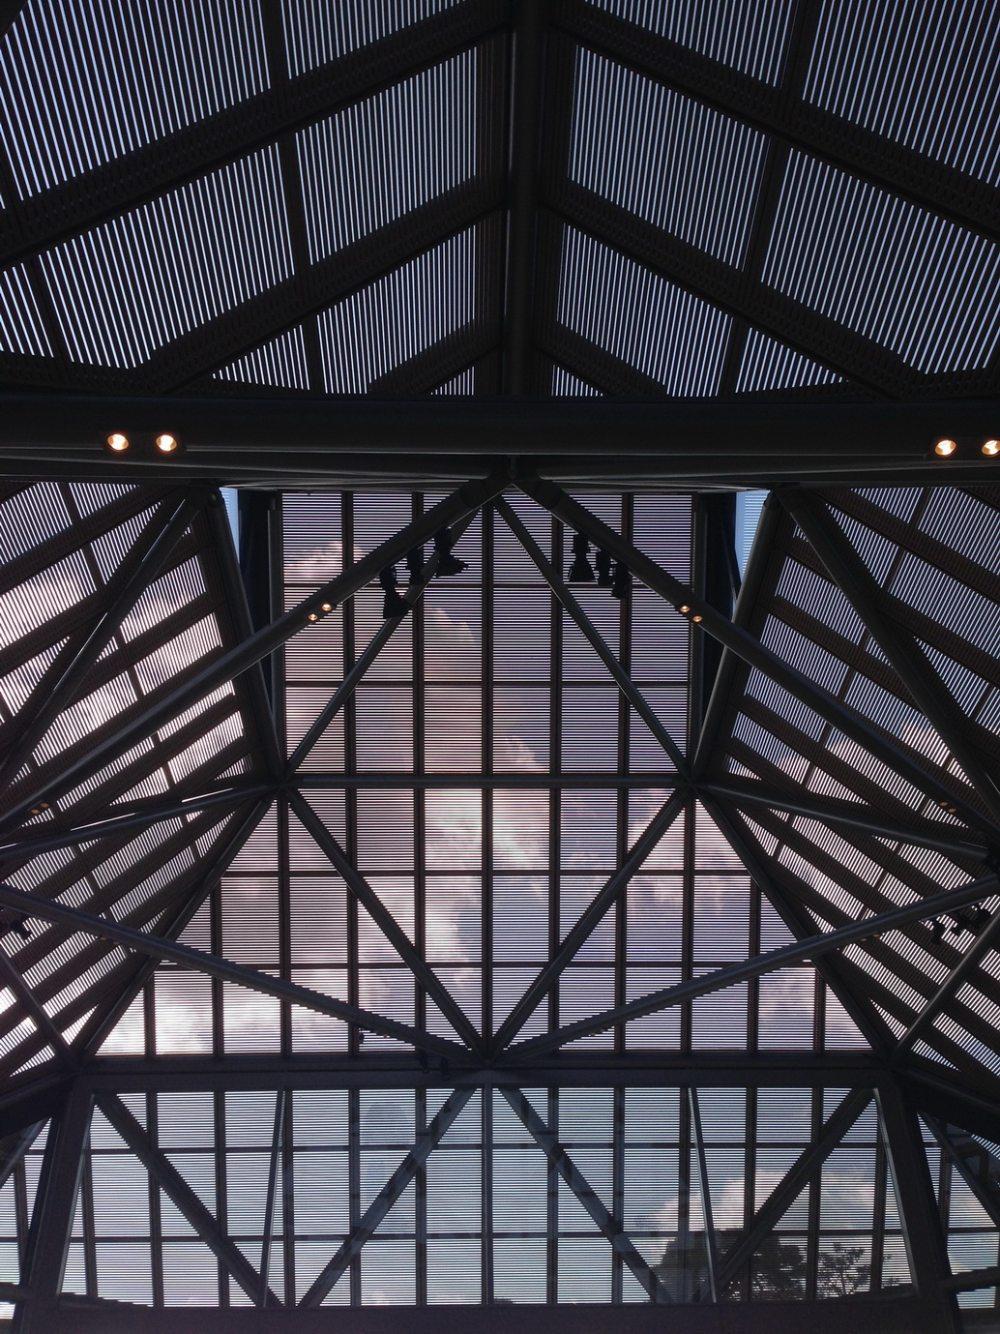 日本美秀美术馆MIHO MUSEUM自拍分享-贝聿铭_IMG_7217.JPG